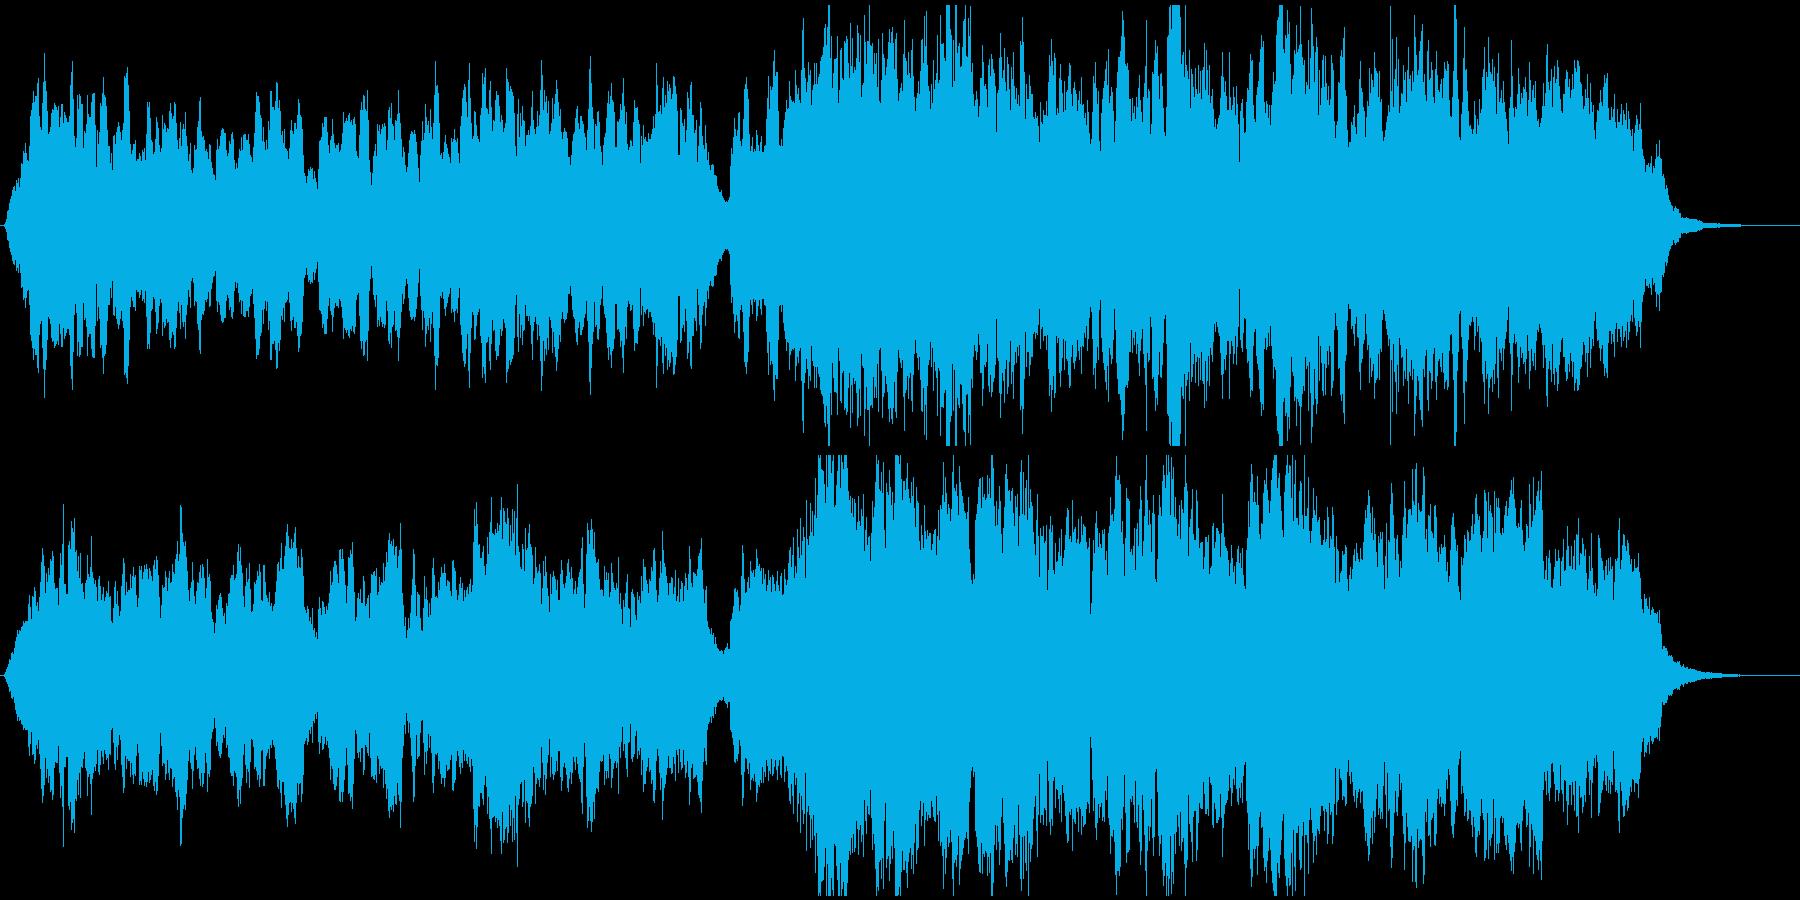 ゲーム用、オーケストラのオープニング楽曲の再生済みの波形